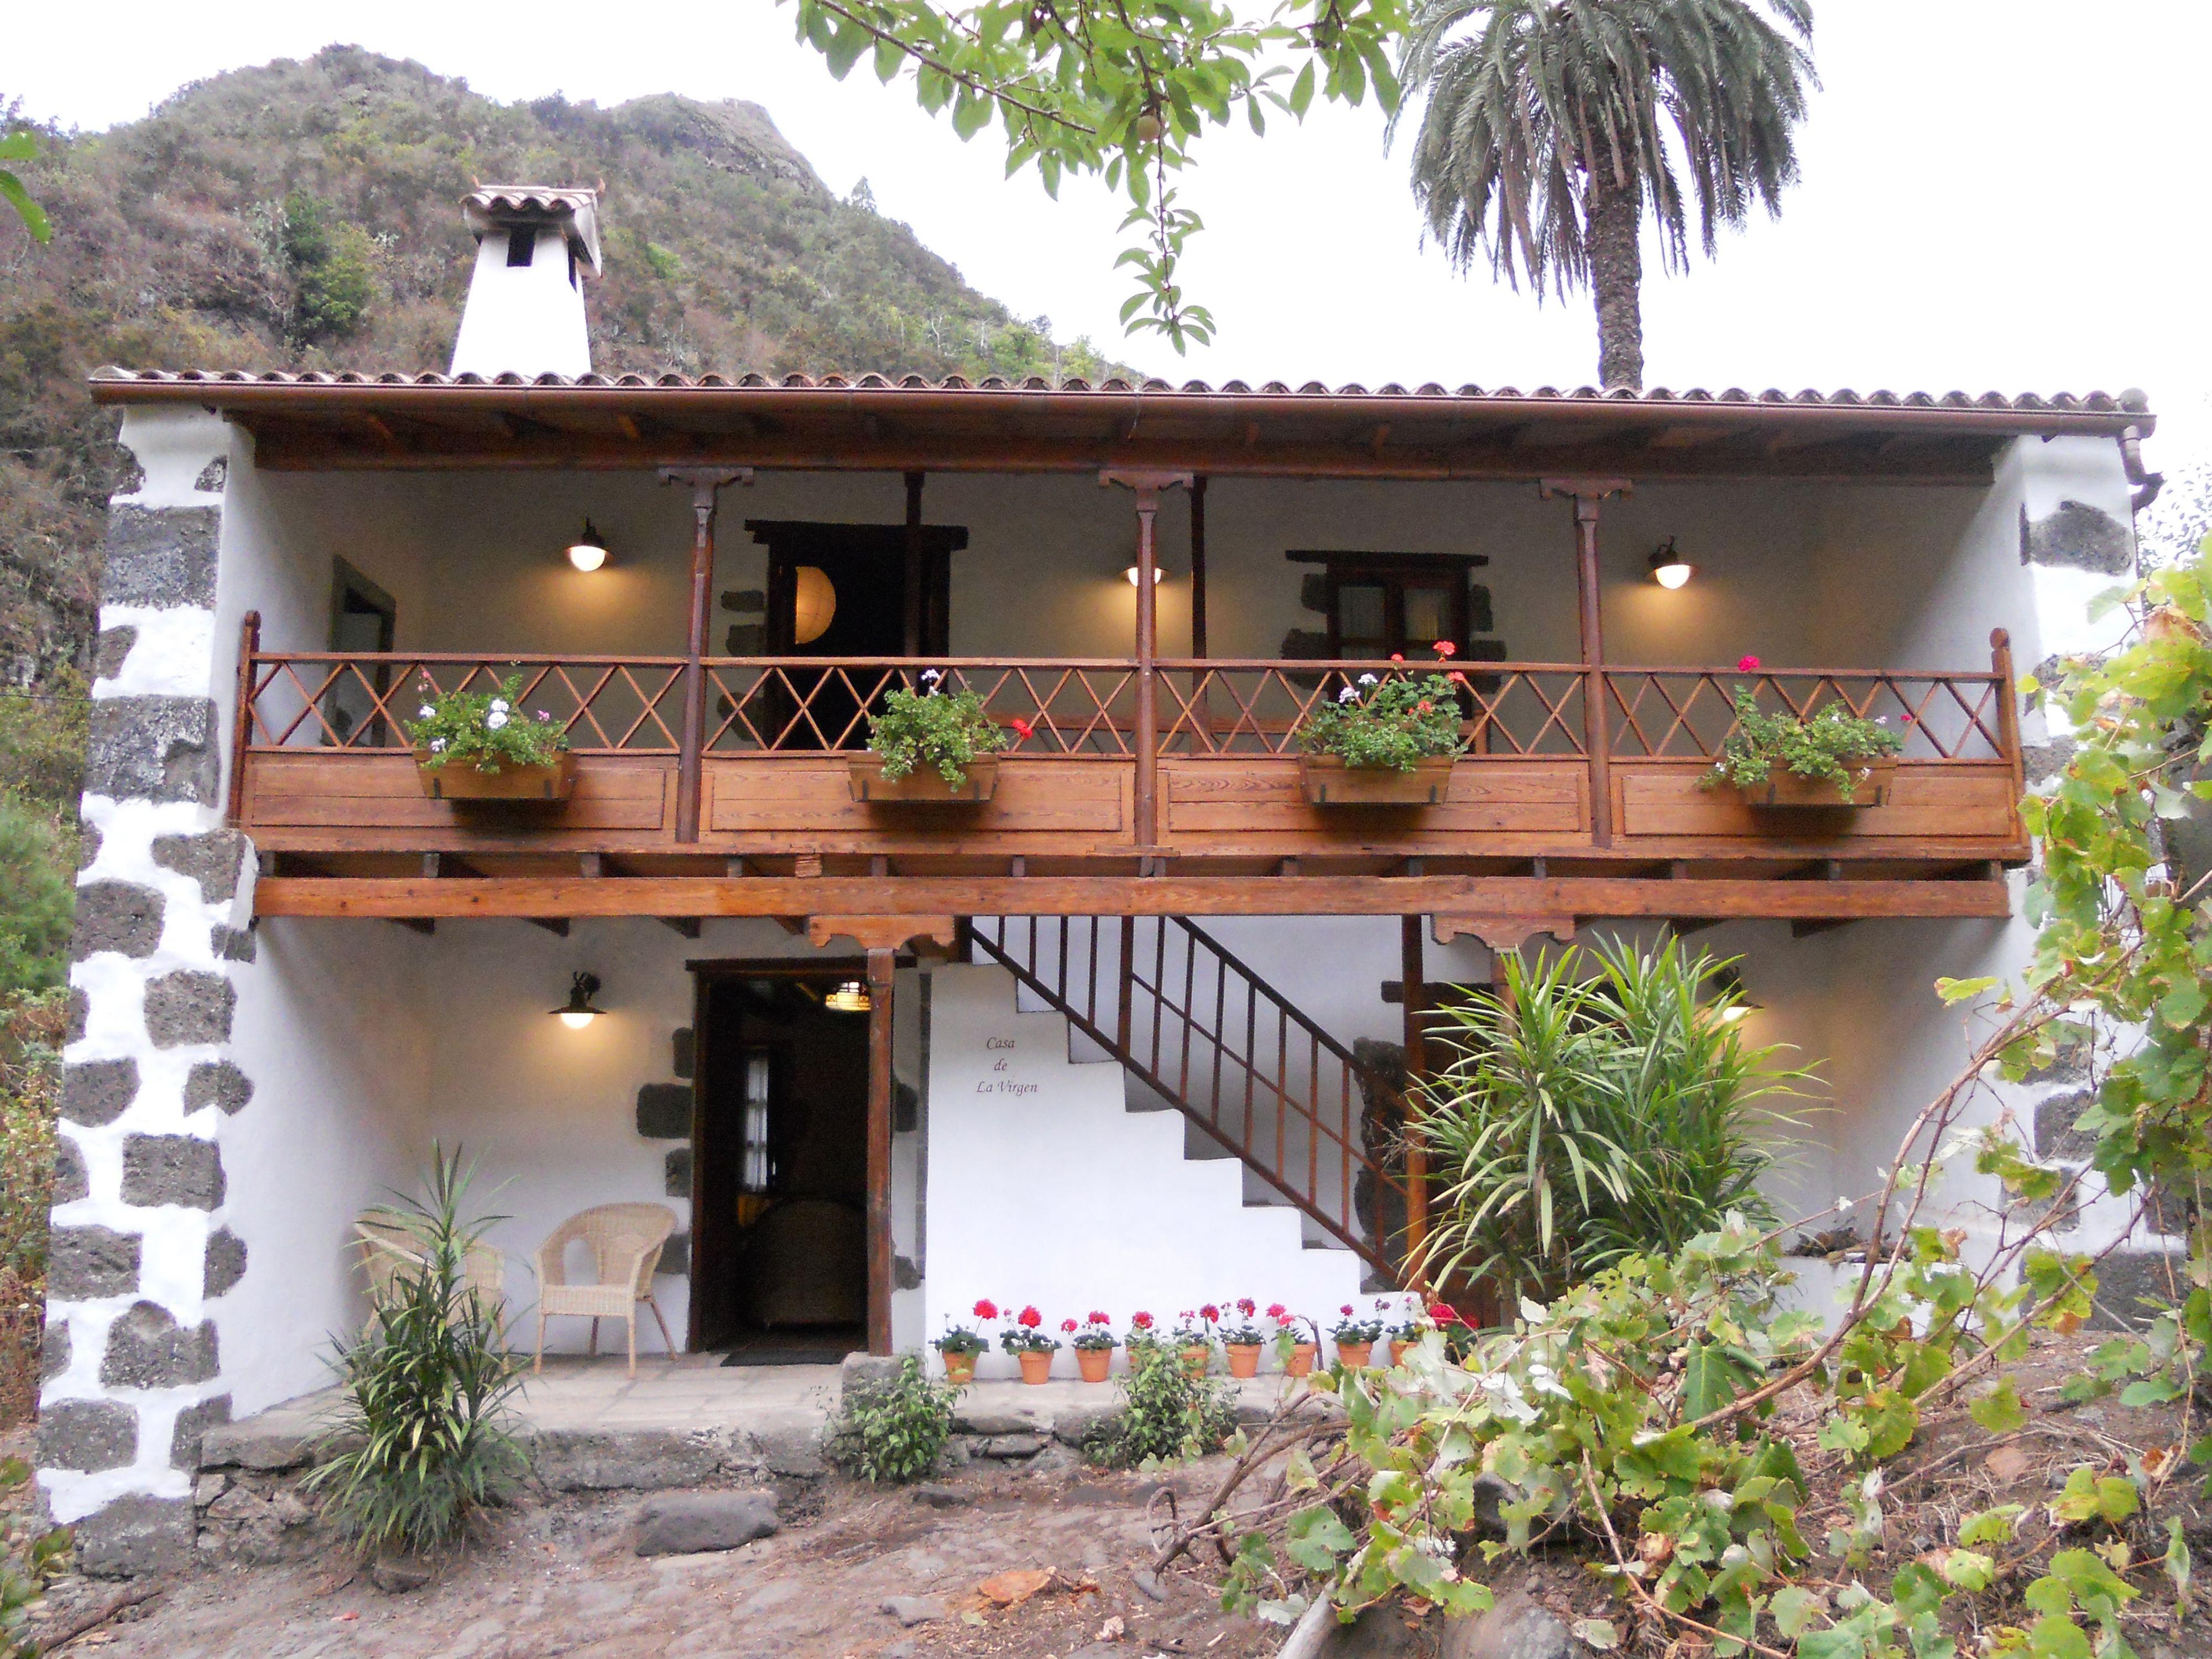 Finca Casa de la Virgen, Gran Canaria Casas, Casas rurales